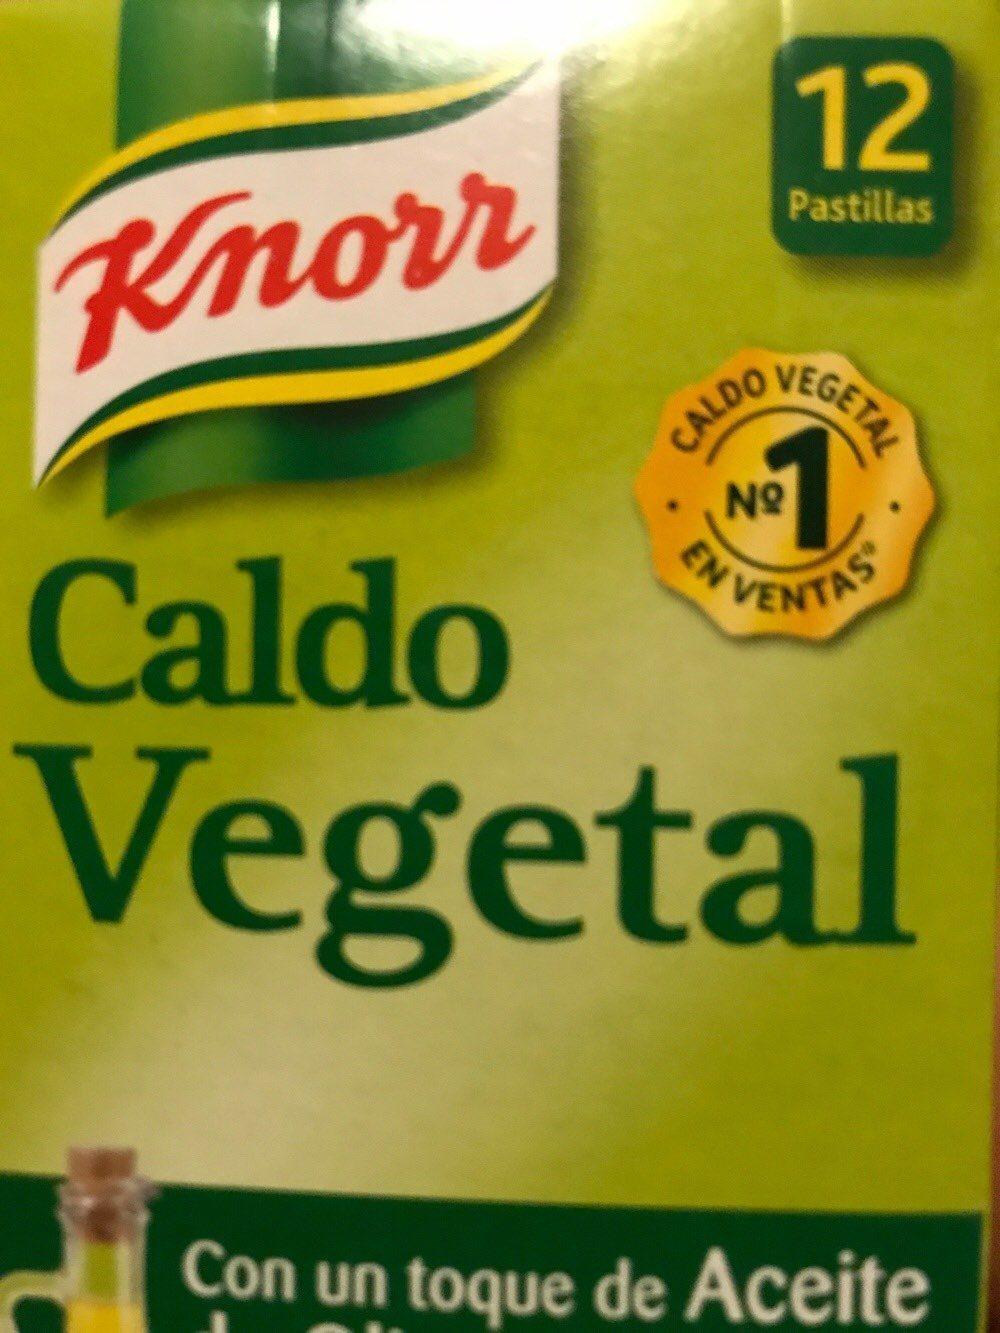 Caldo vegetal con un toque de aceite de oliva virgen extra 12 pastillas paquete 120 g - Producto - fr